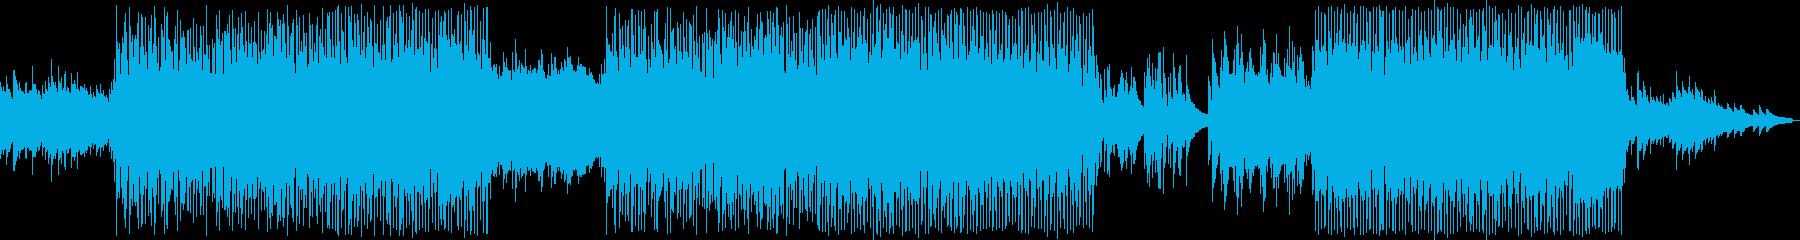 琴のメロディと優しいエレピの和風ポップの再生済みの波形